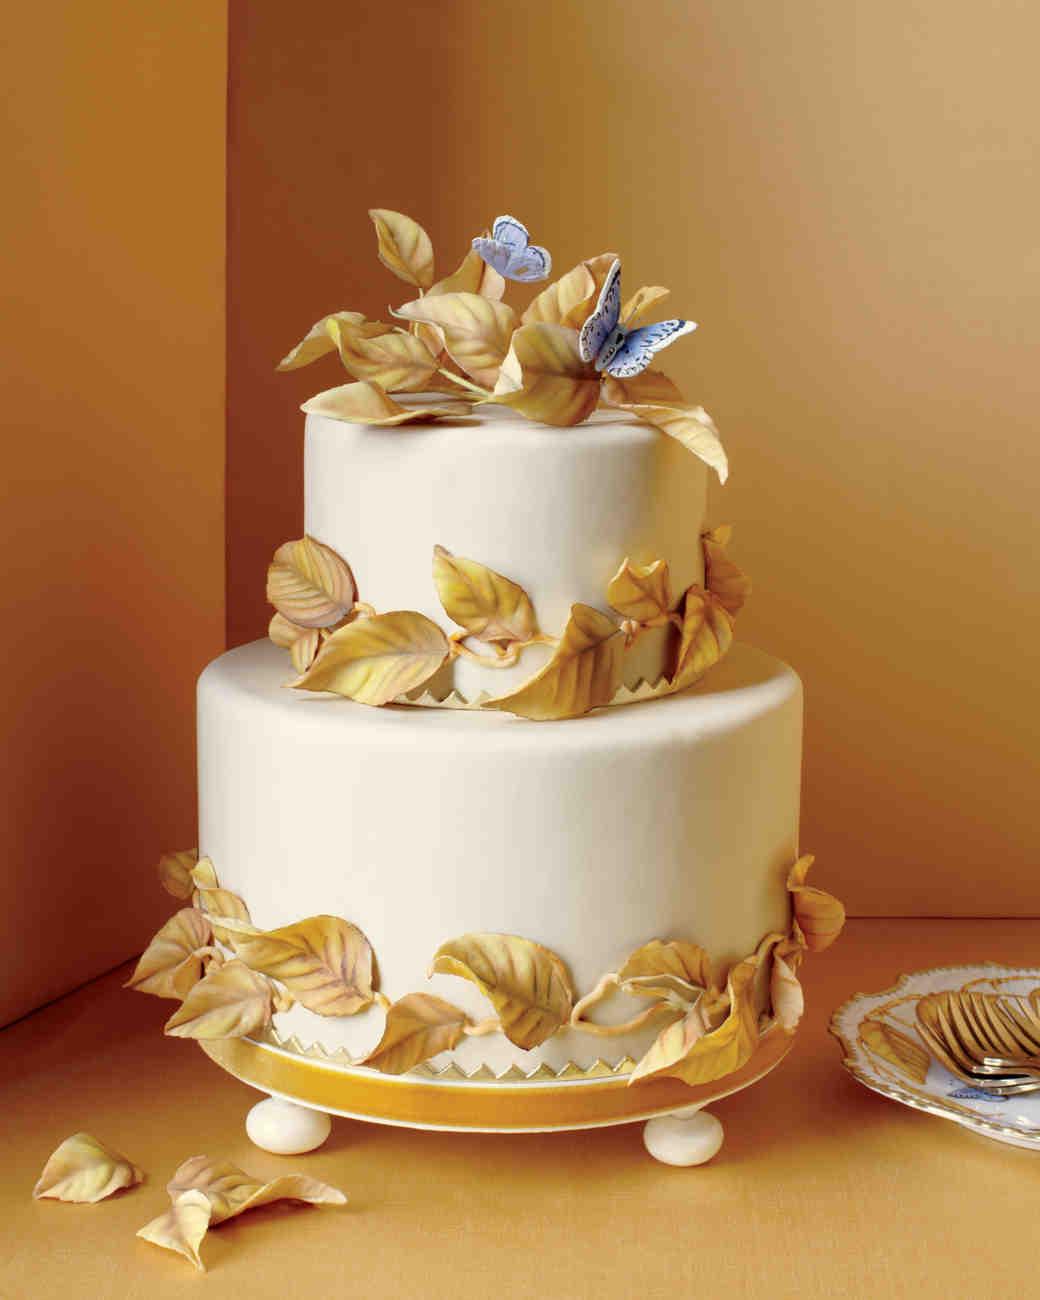 branch-cake-mwd107844.jpg